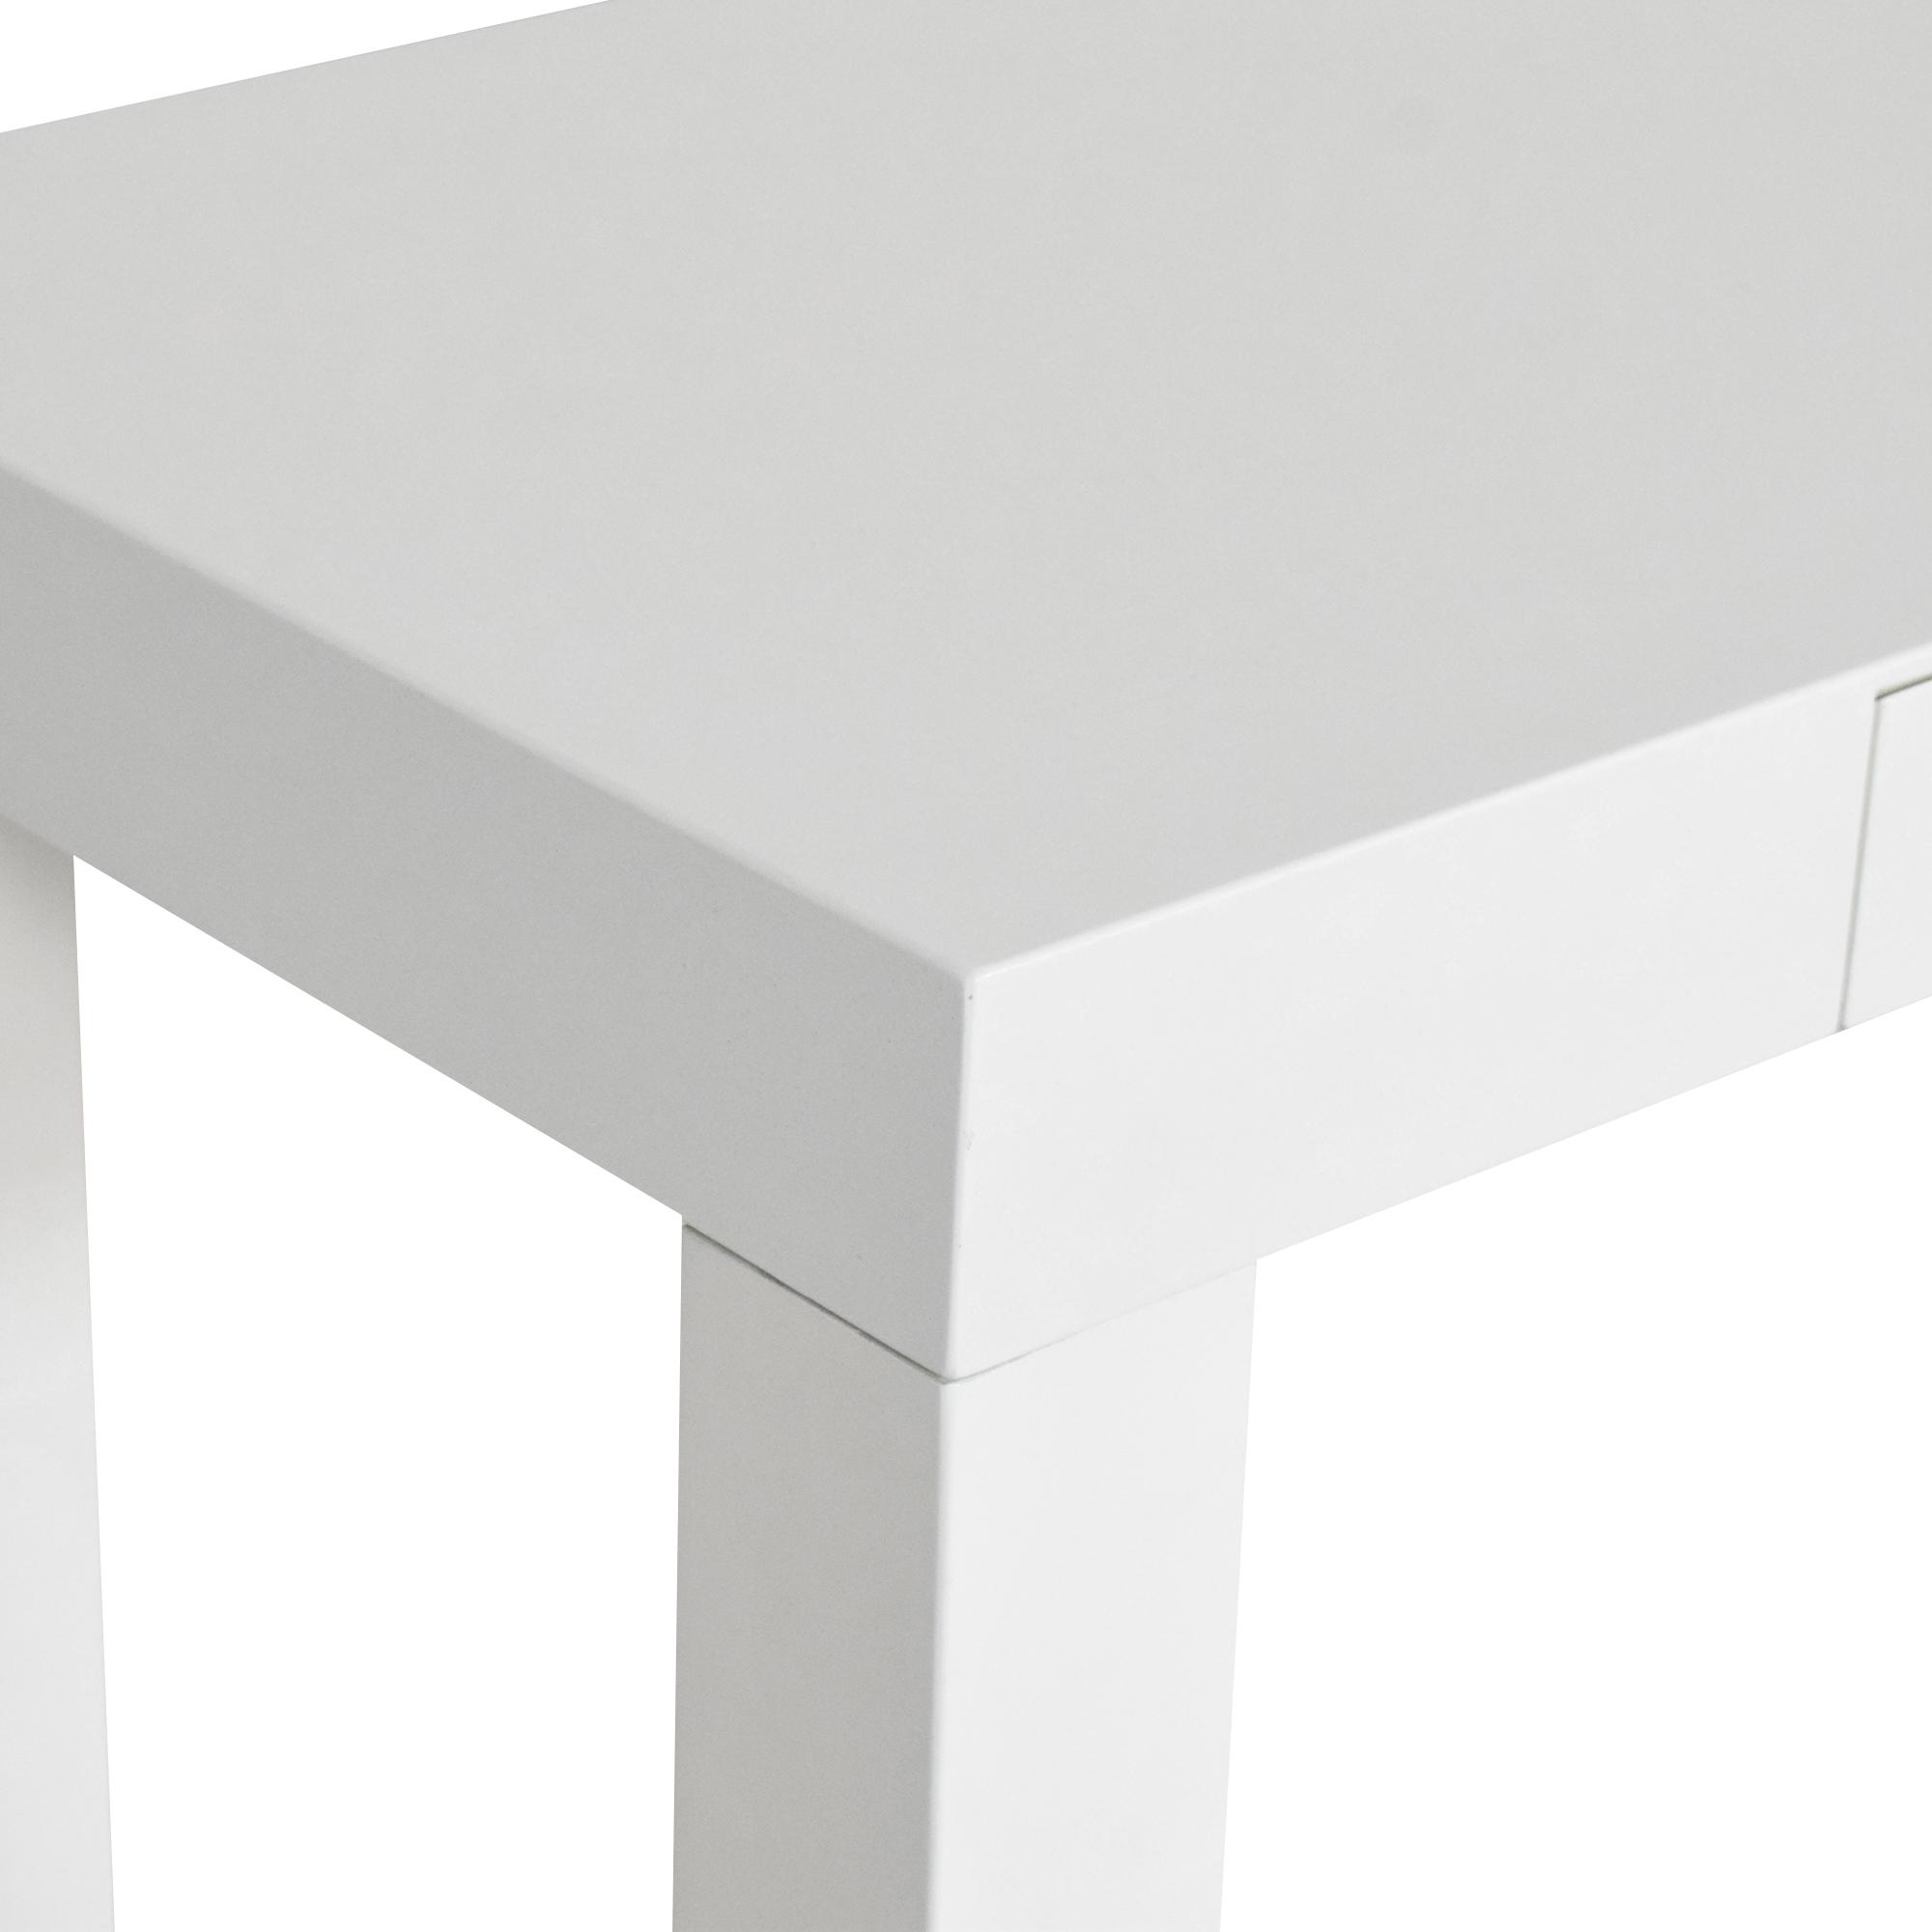 West Elm West Elm Parsons Console Table discount